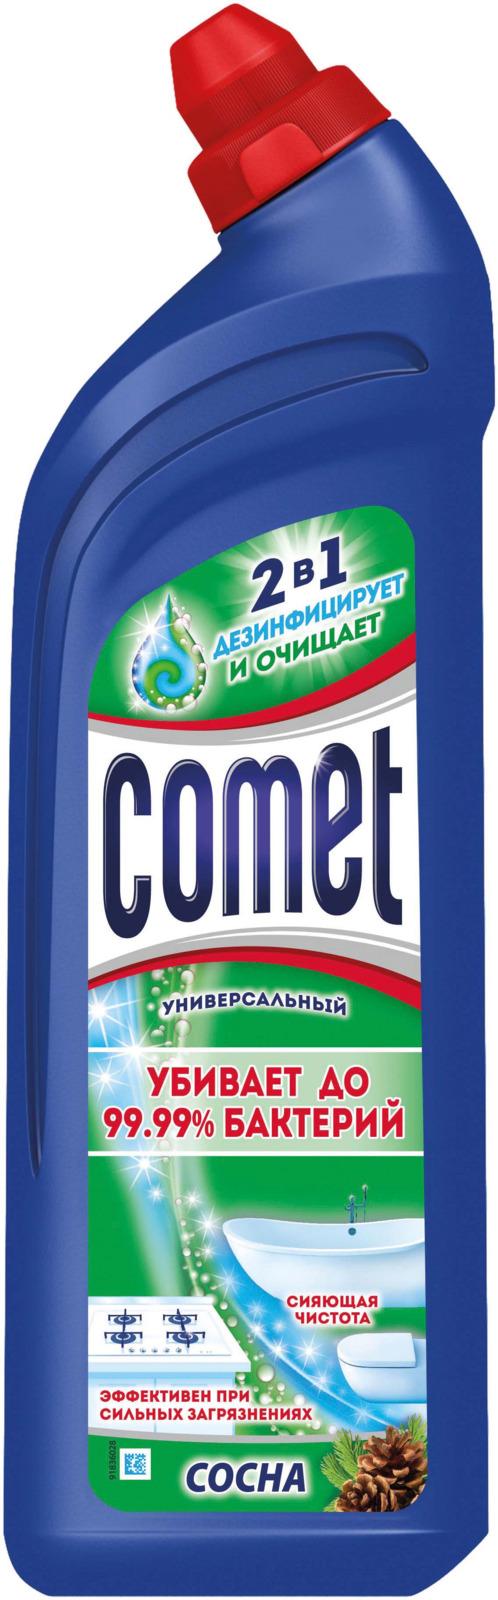 Универсальный чистящий гель Comet Двойной эффект, с ароматом сосны, 1 л comet чистящий гель лимон 500мл